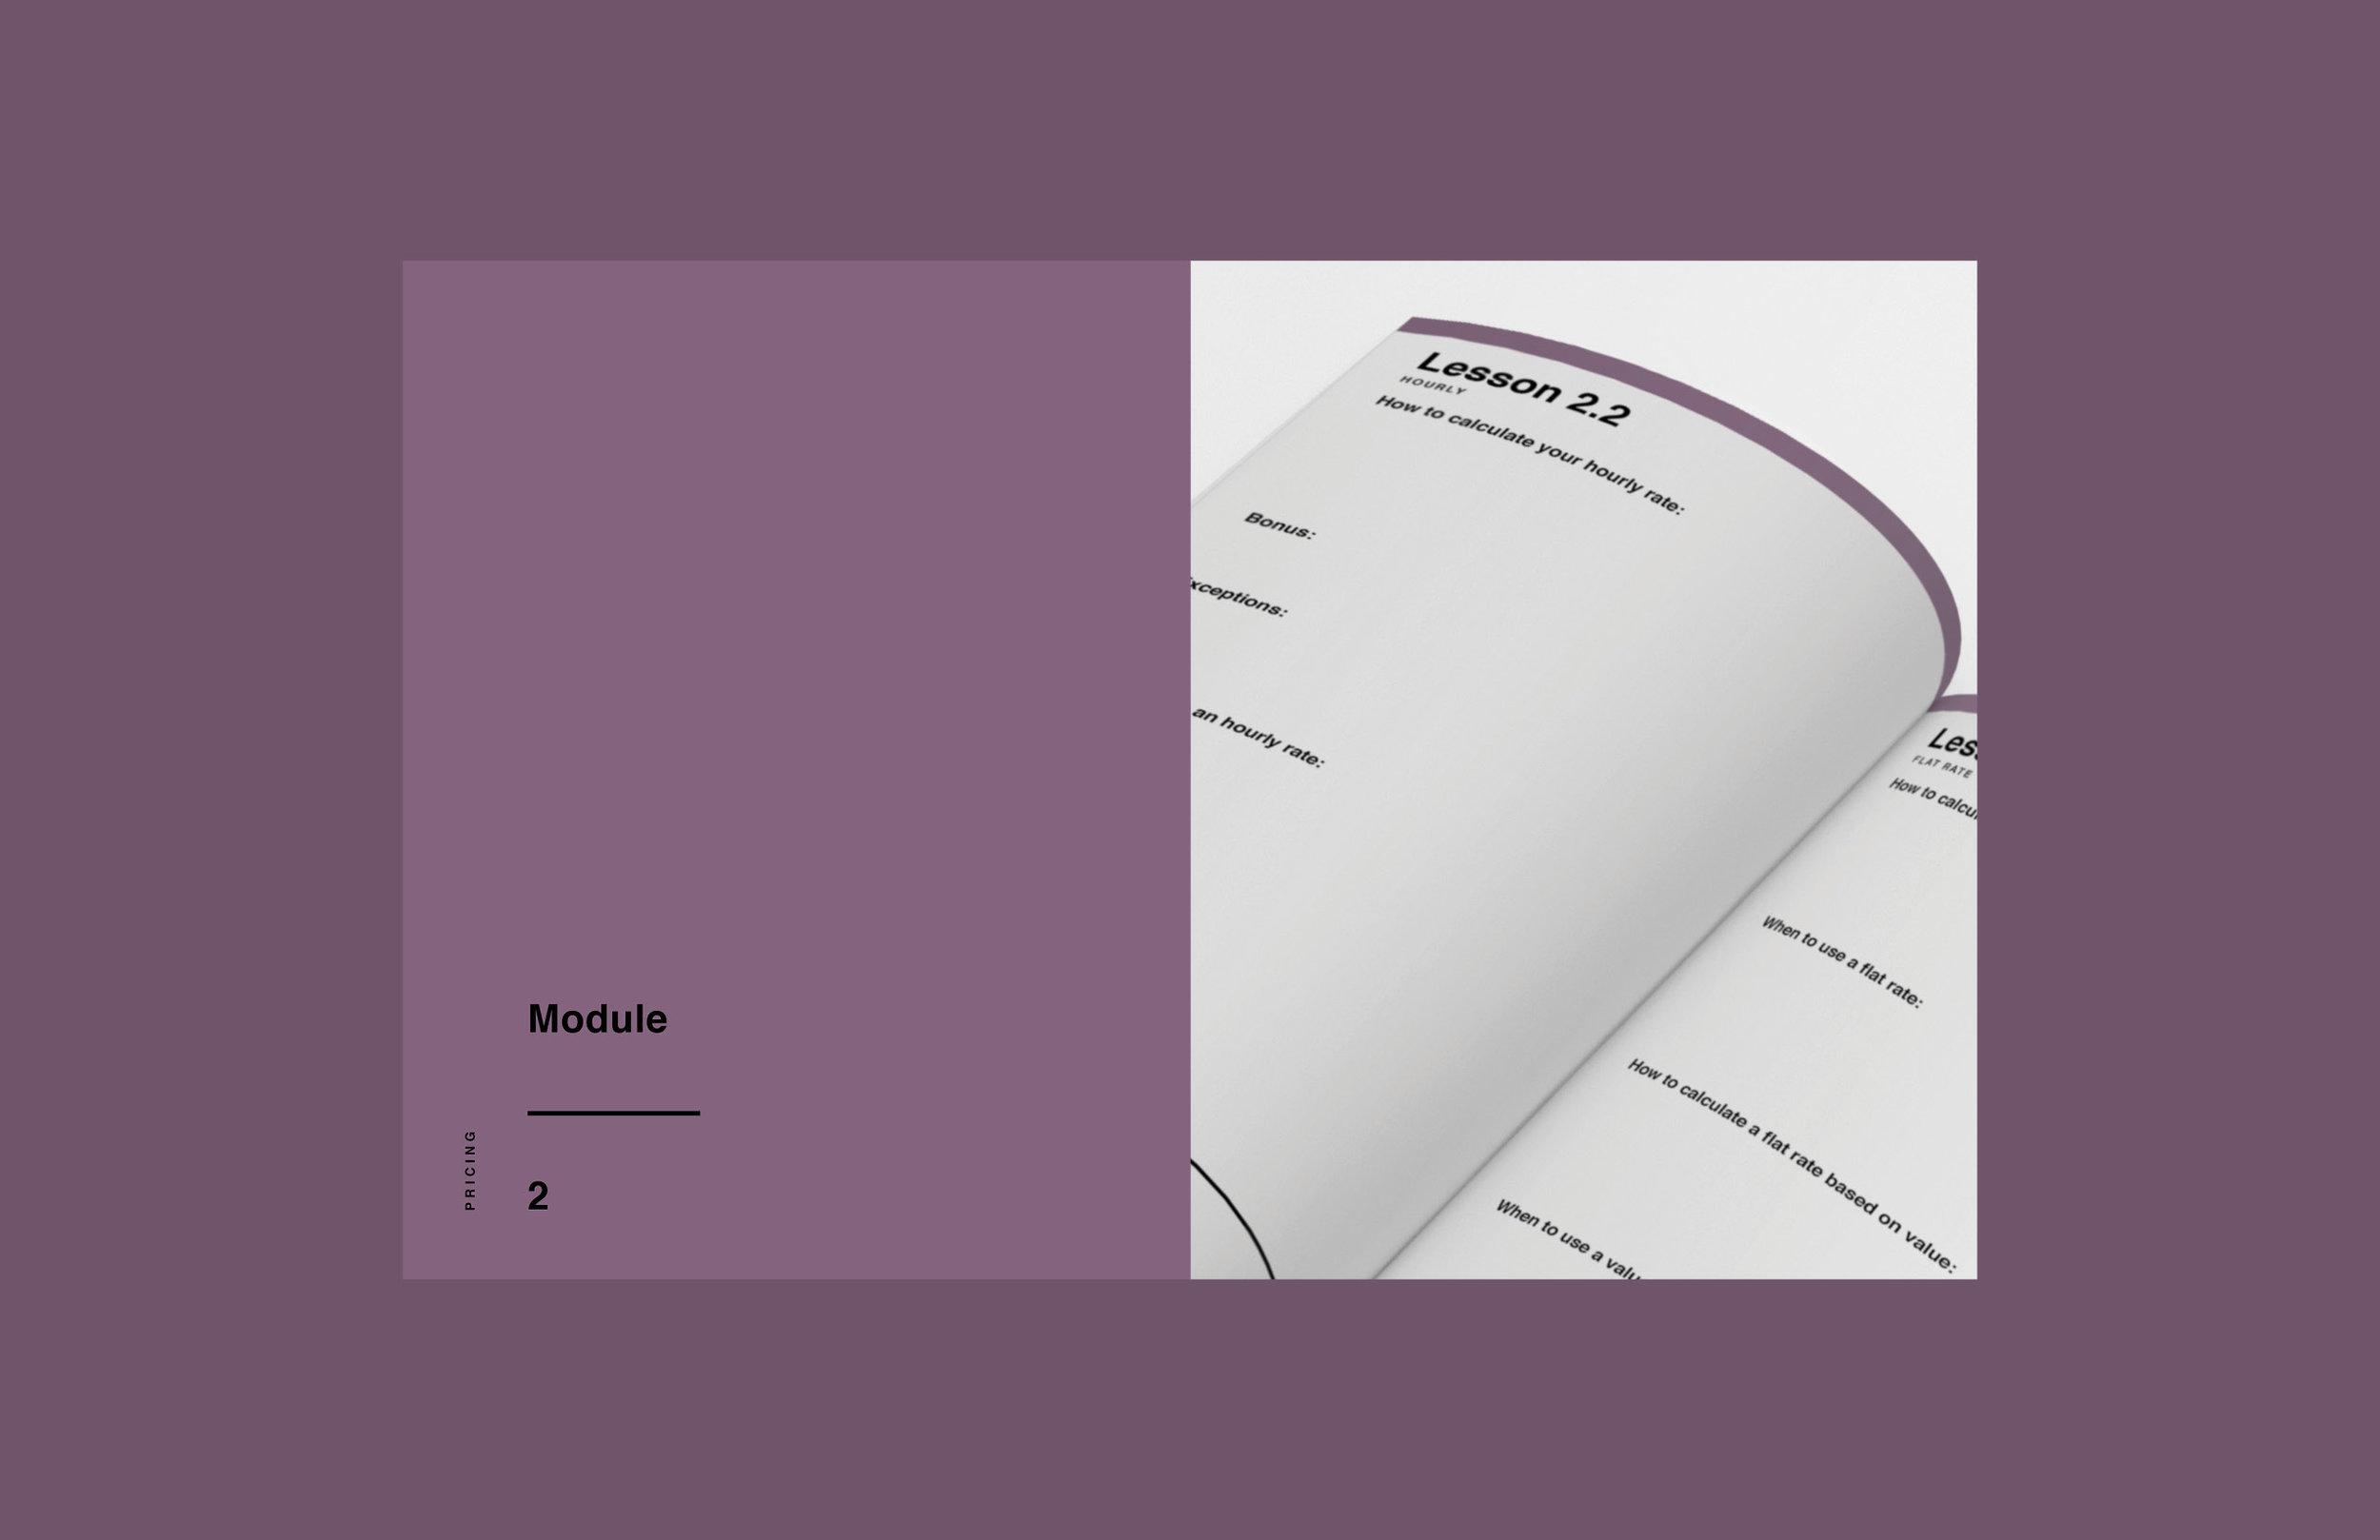 e-course workbook design 2